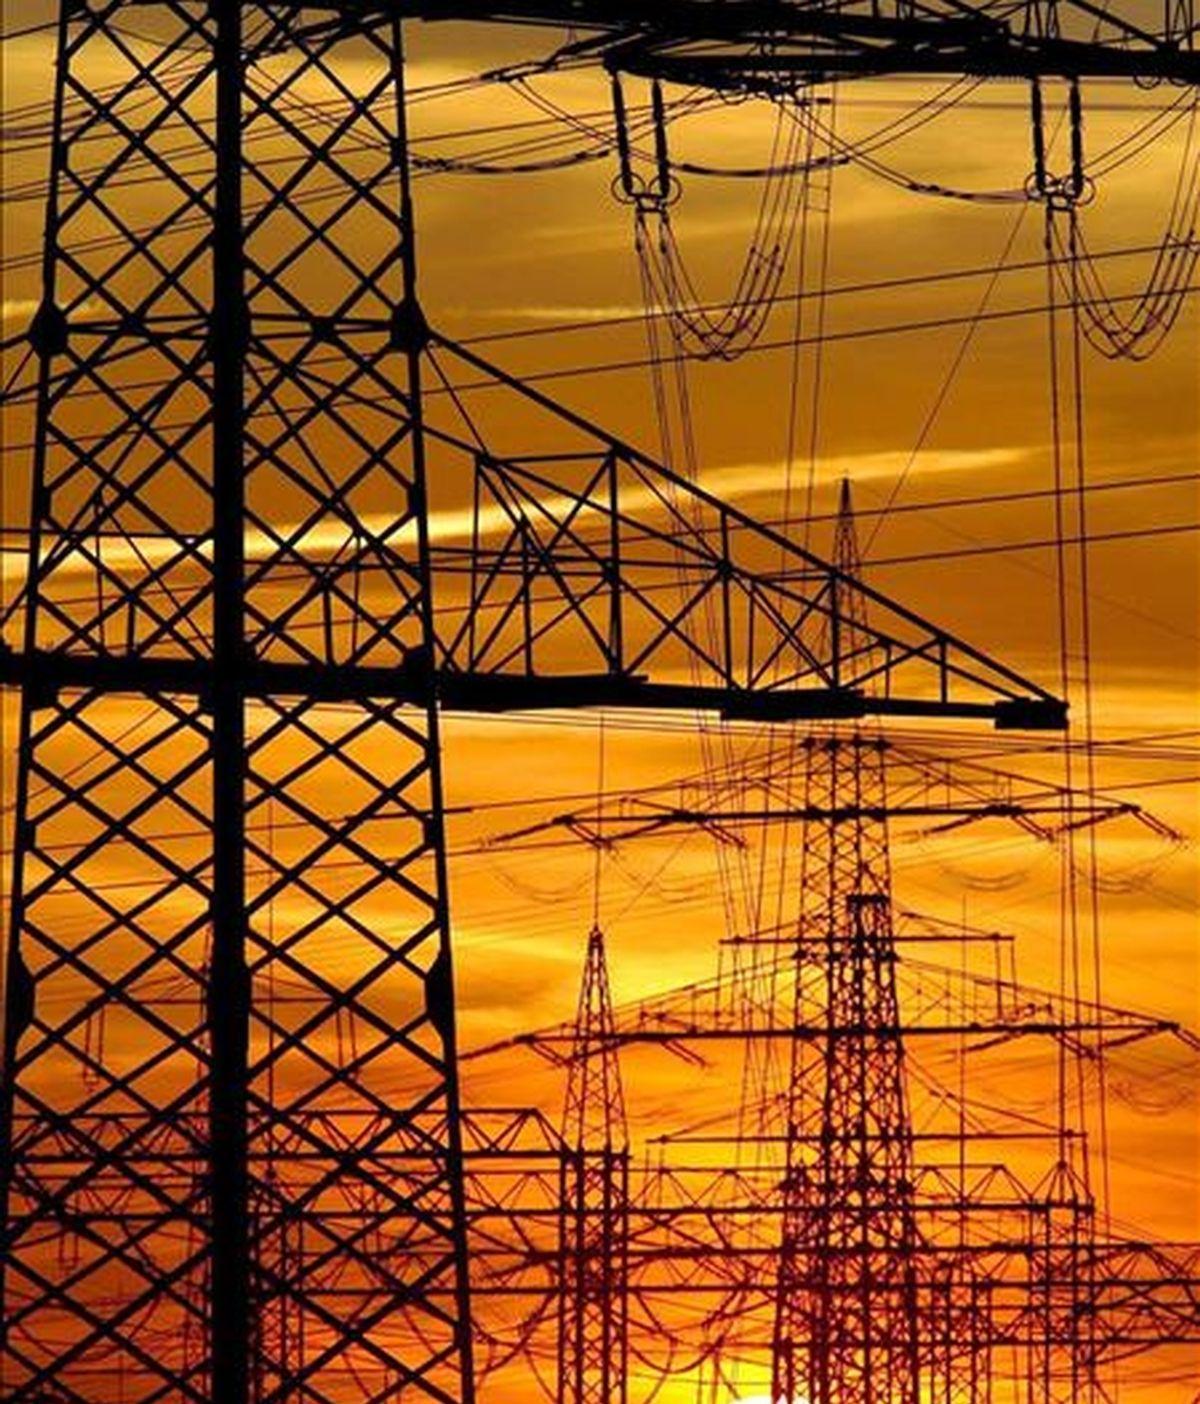 En el norte de Chile las empresas AES Gener, GDF Suez Energy y Patache preparan o desarrollan iniciativas de generación eléctrica a partir del carbón. EFE/Archivo